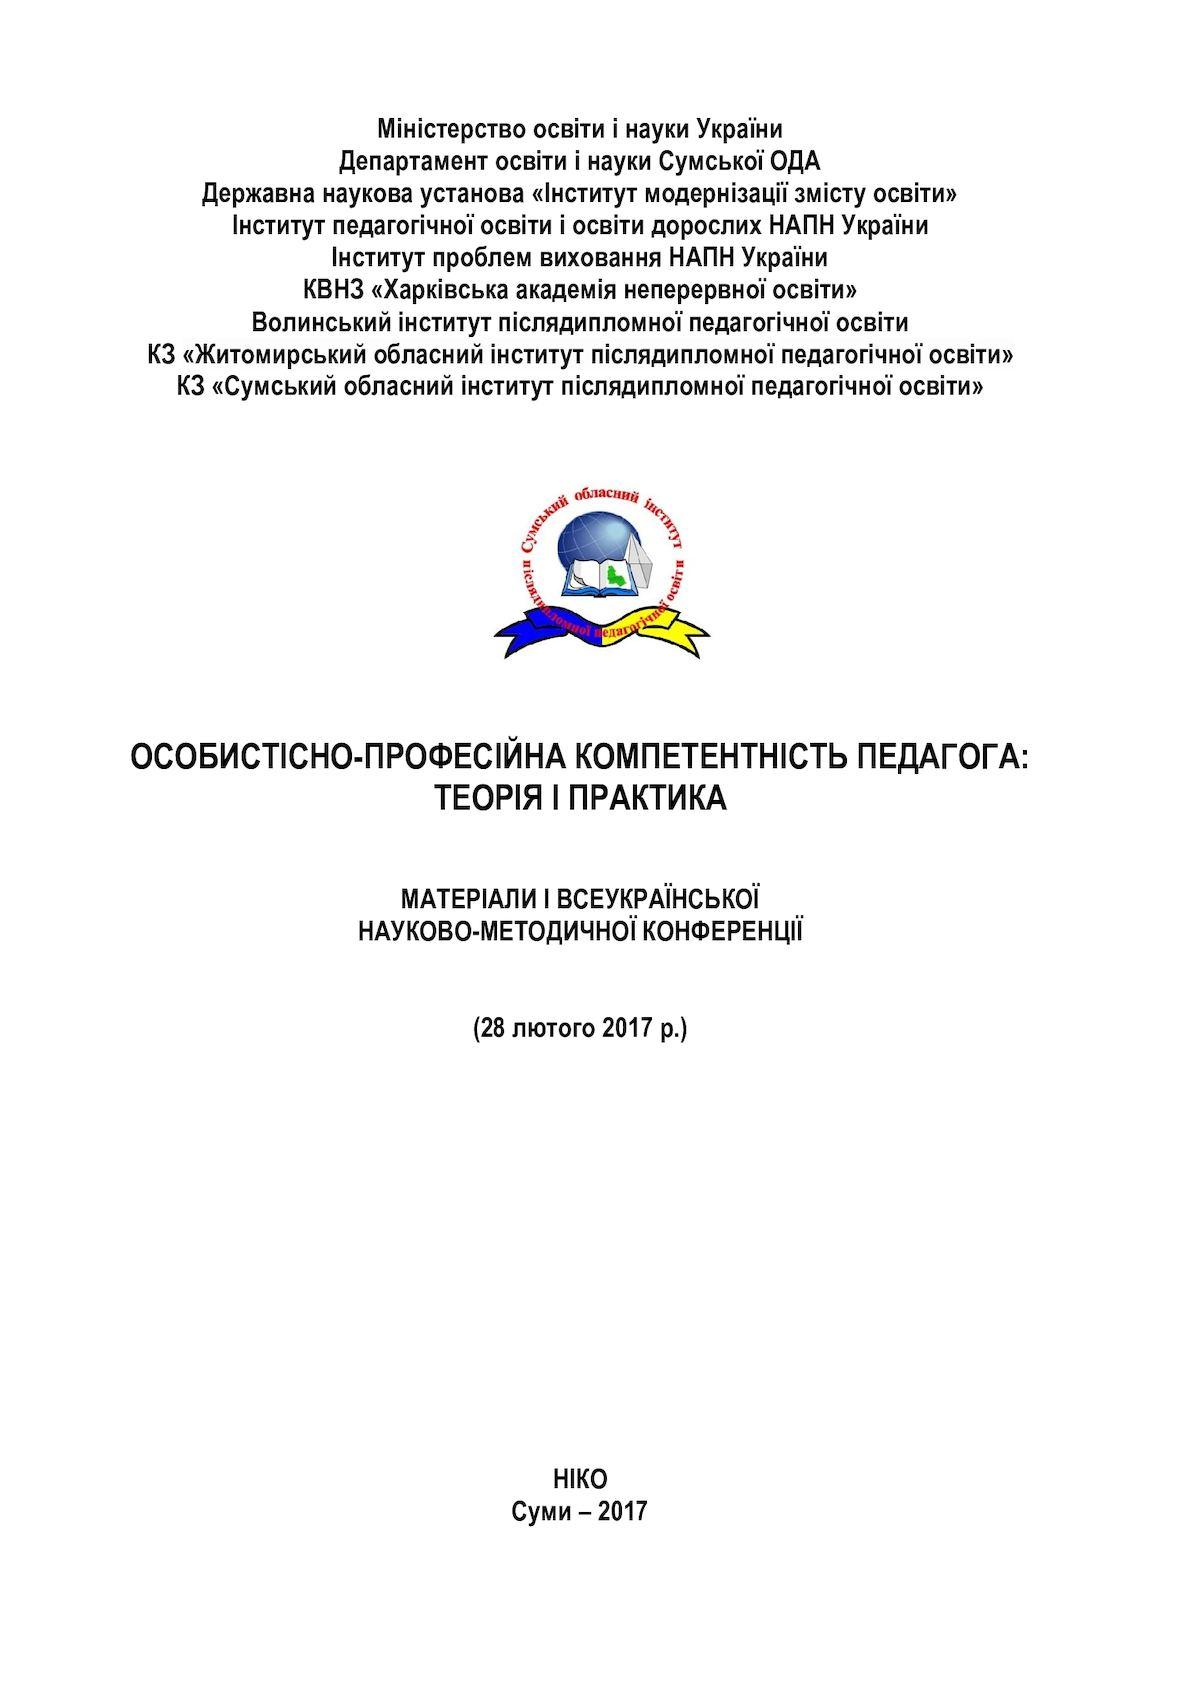 Calaméo - Особистісно-професійна компетентність педагога  теорія і практика    матеріали І Всеукраїнської науково-методичної практичної конференції (28  ... a67165996484b